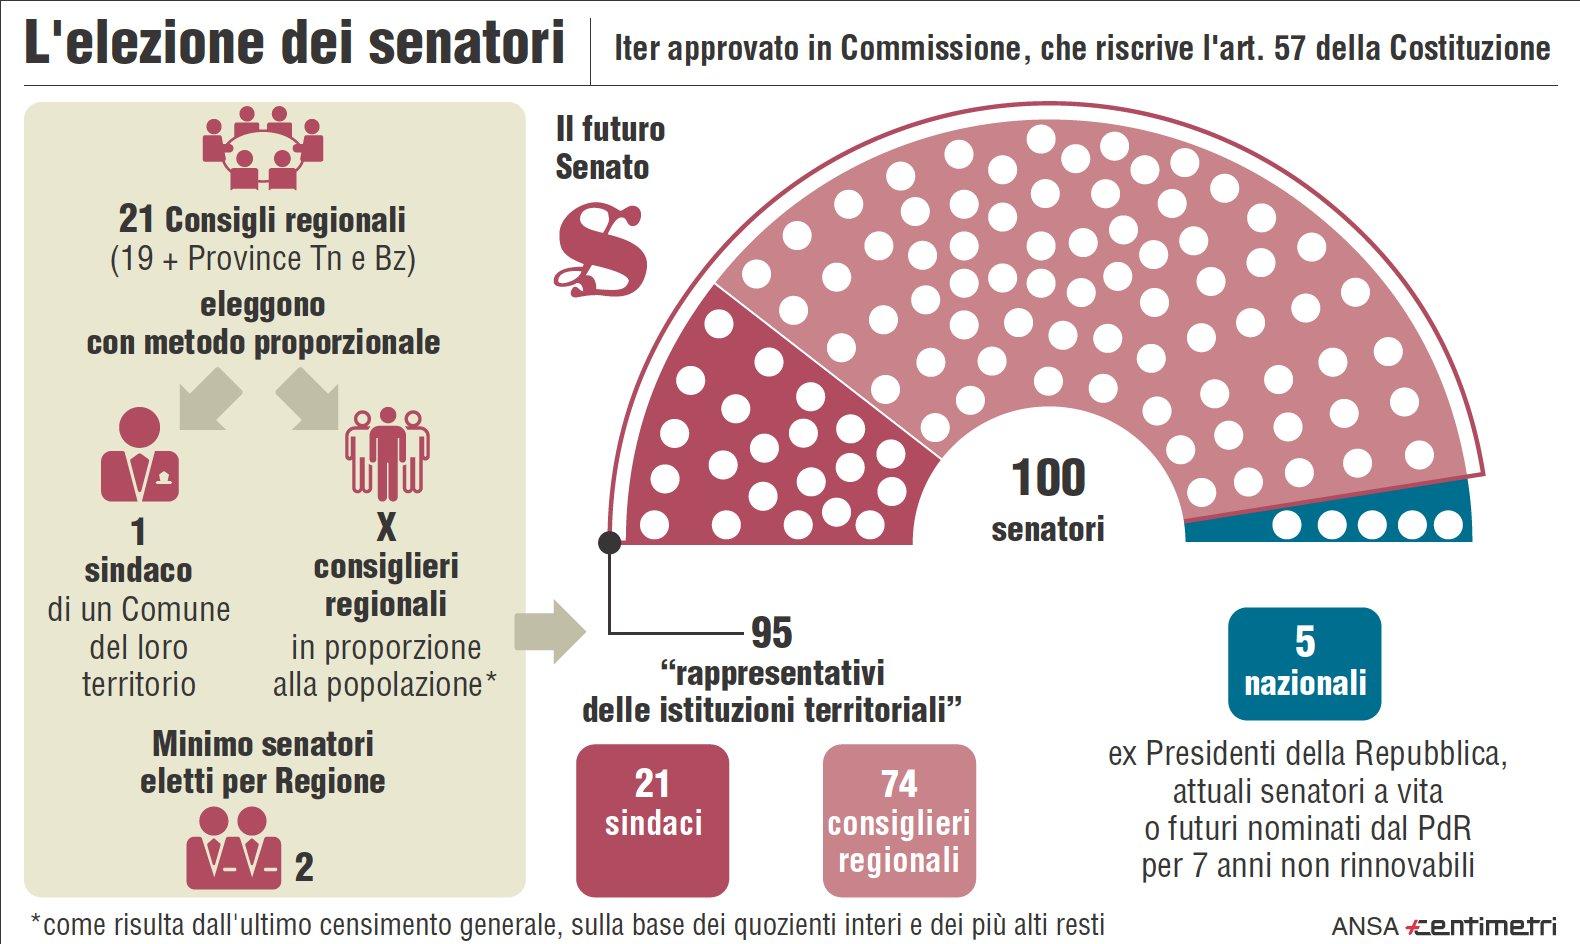 referendum come cambia il senato lumsa news